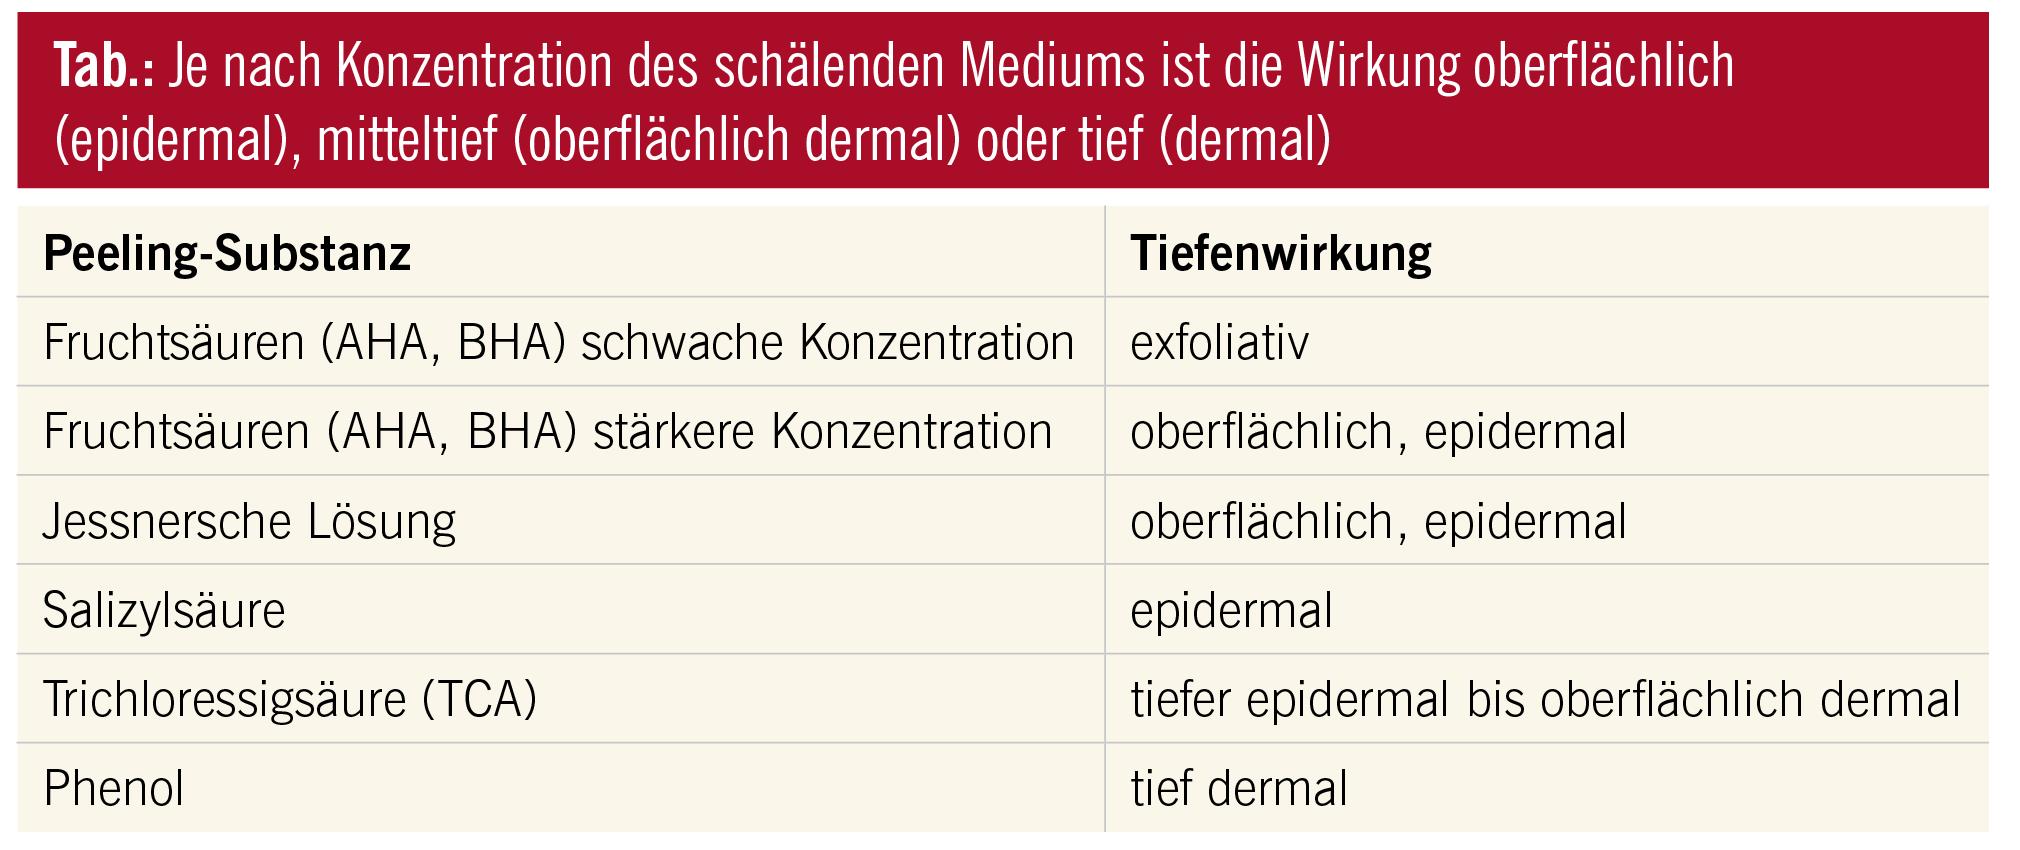 Verjüngung der Haut: (Chemisches) Peeling: Indikation und Wirkung ...